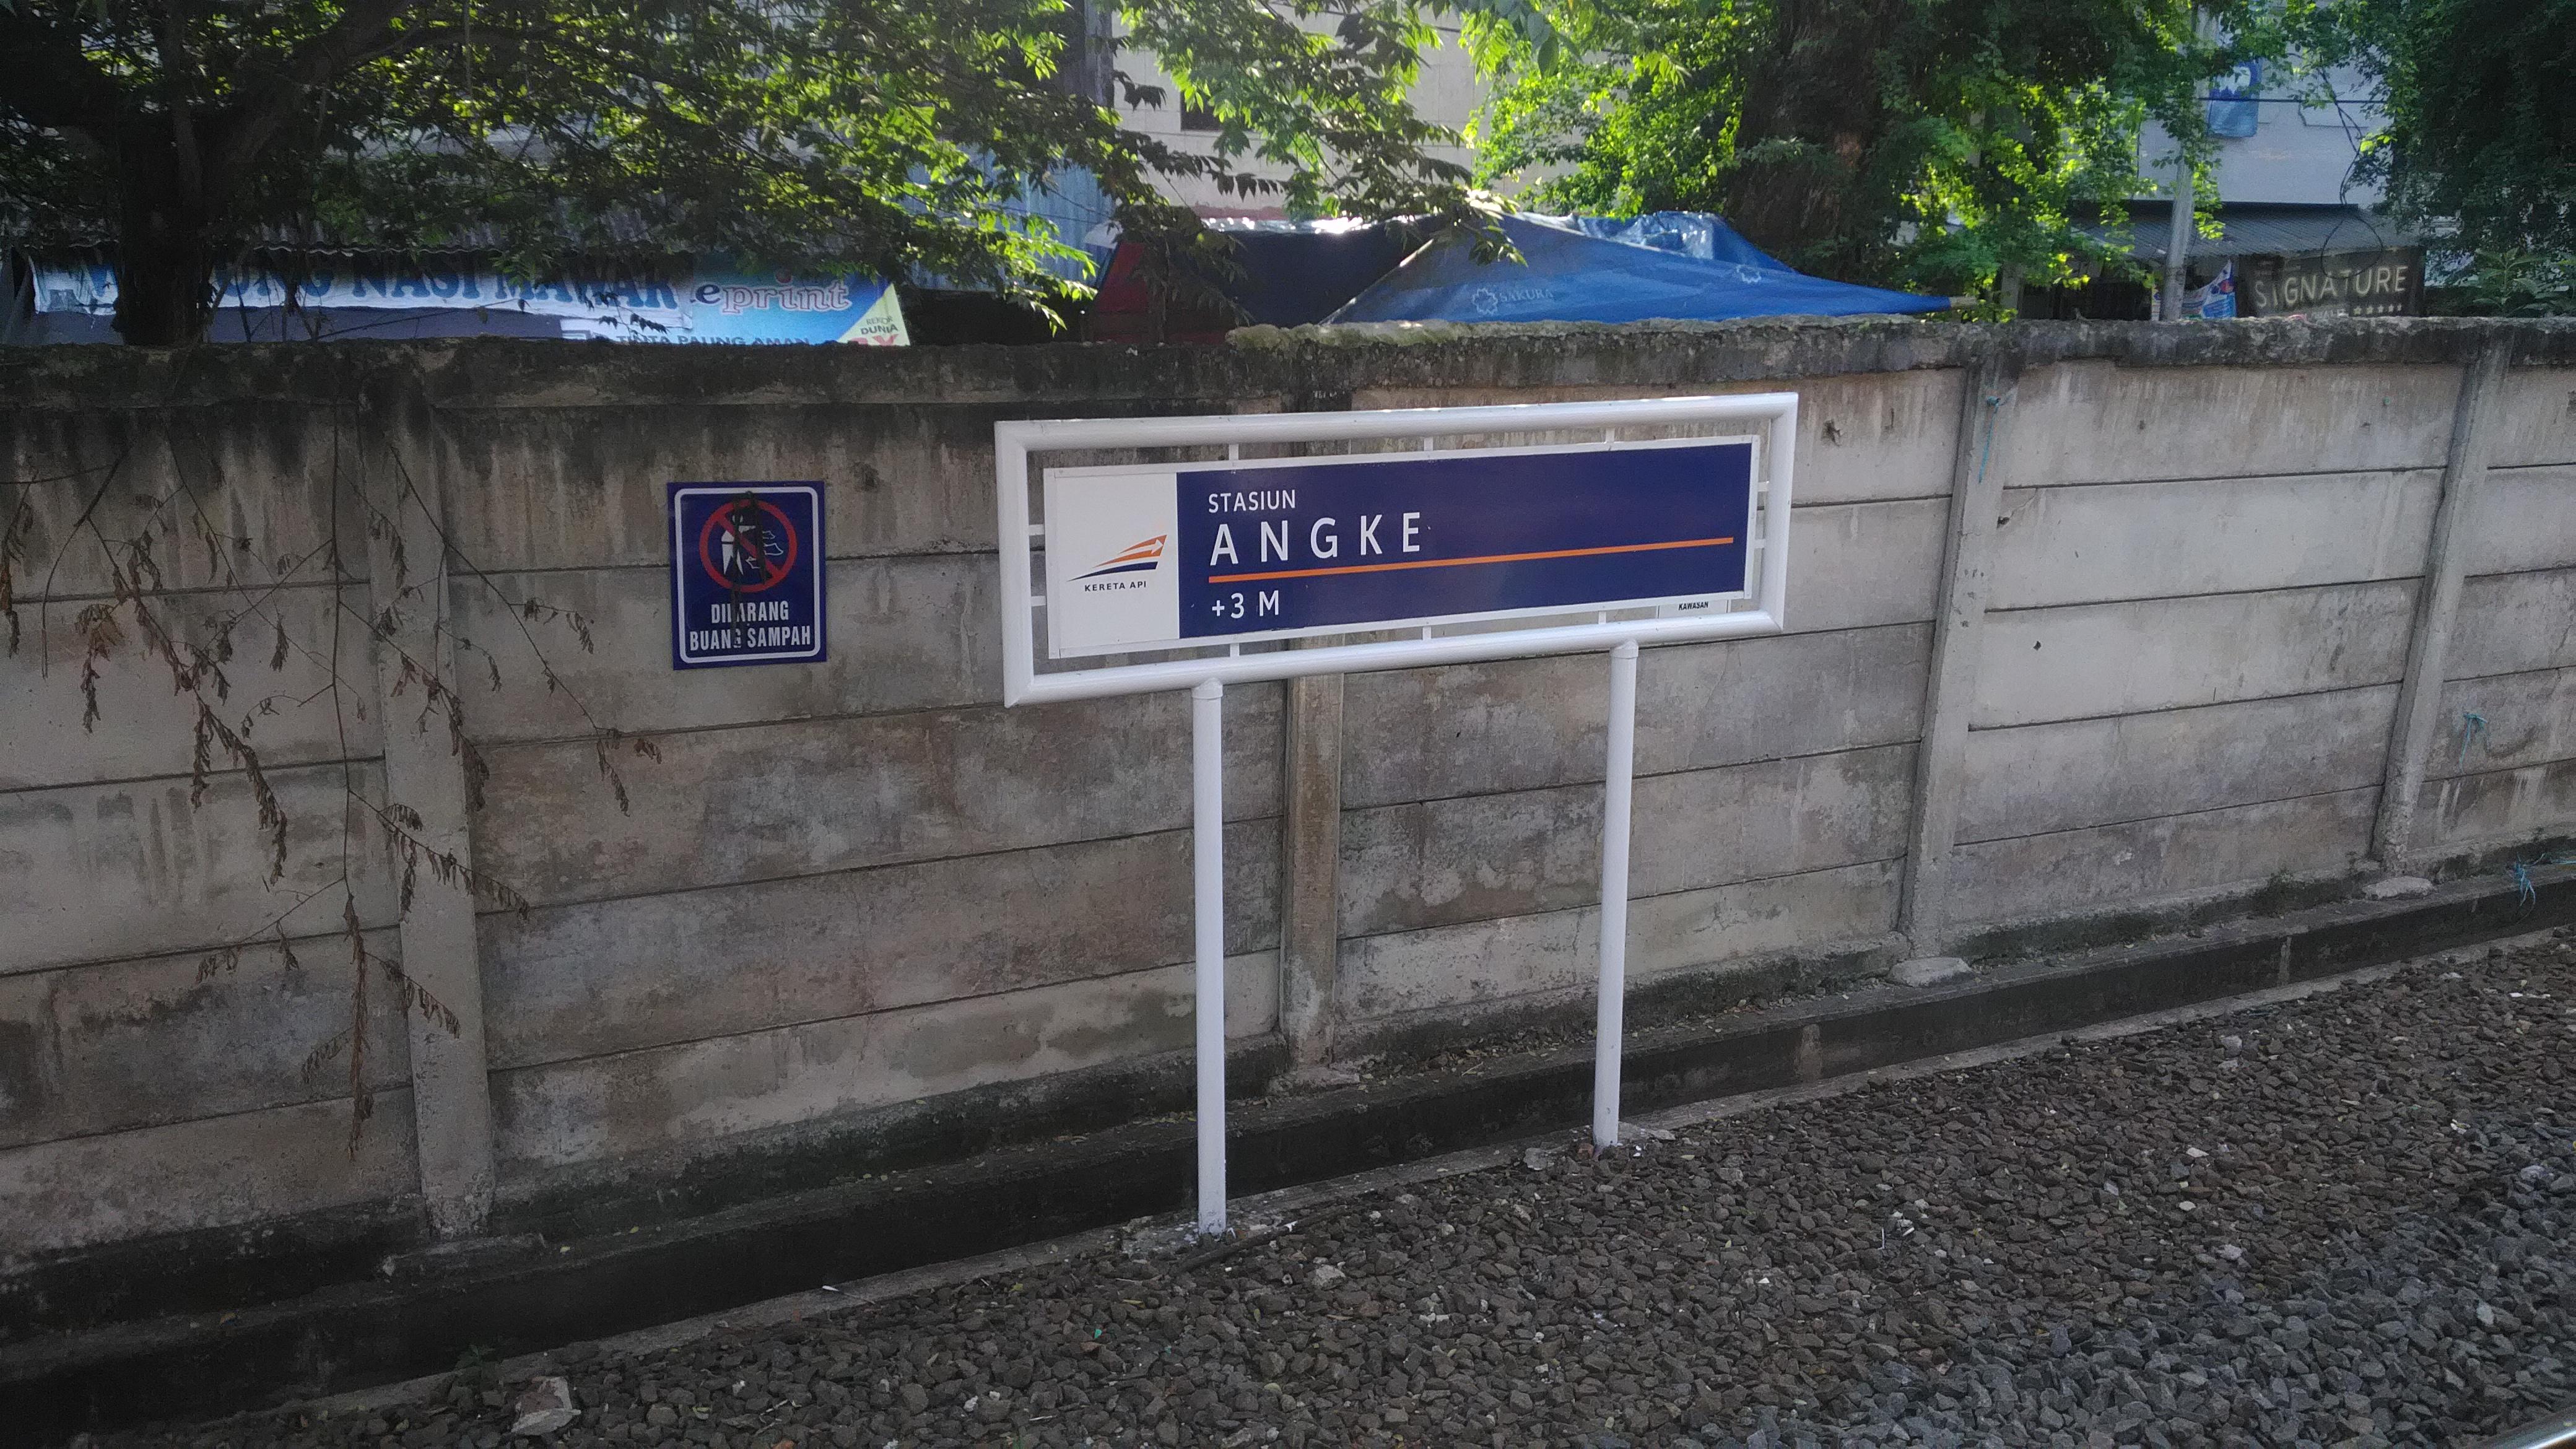 File:Papan Nama Stasiun Angke Terbaru versi 2017.jpg